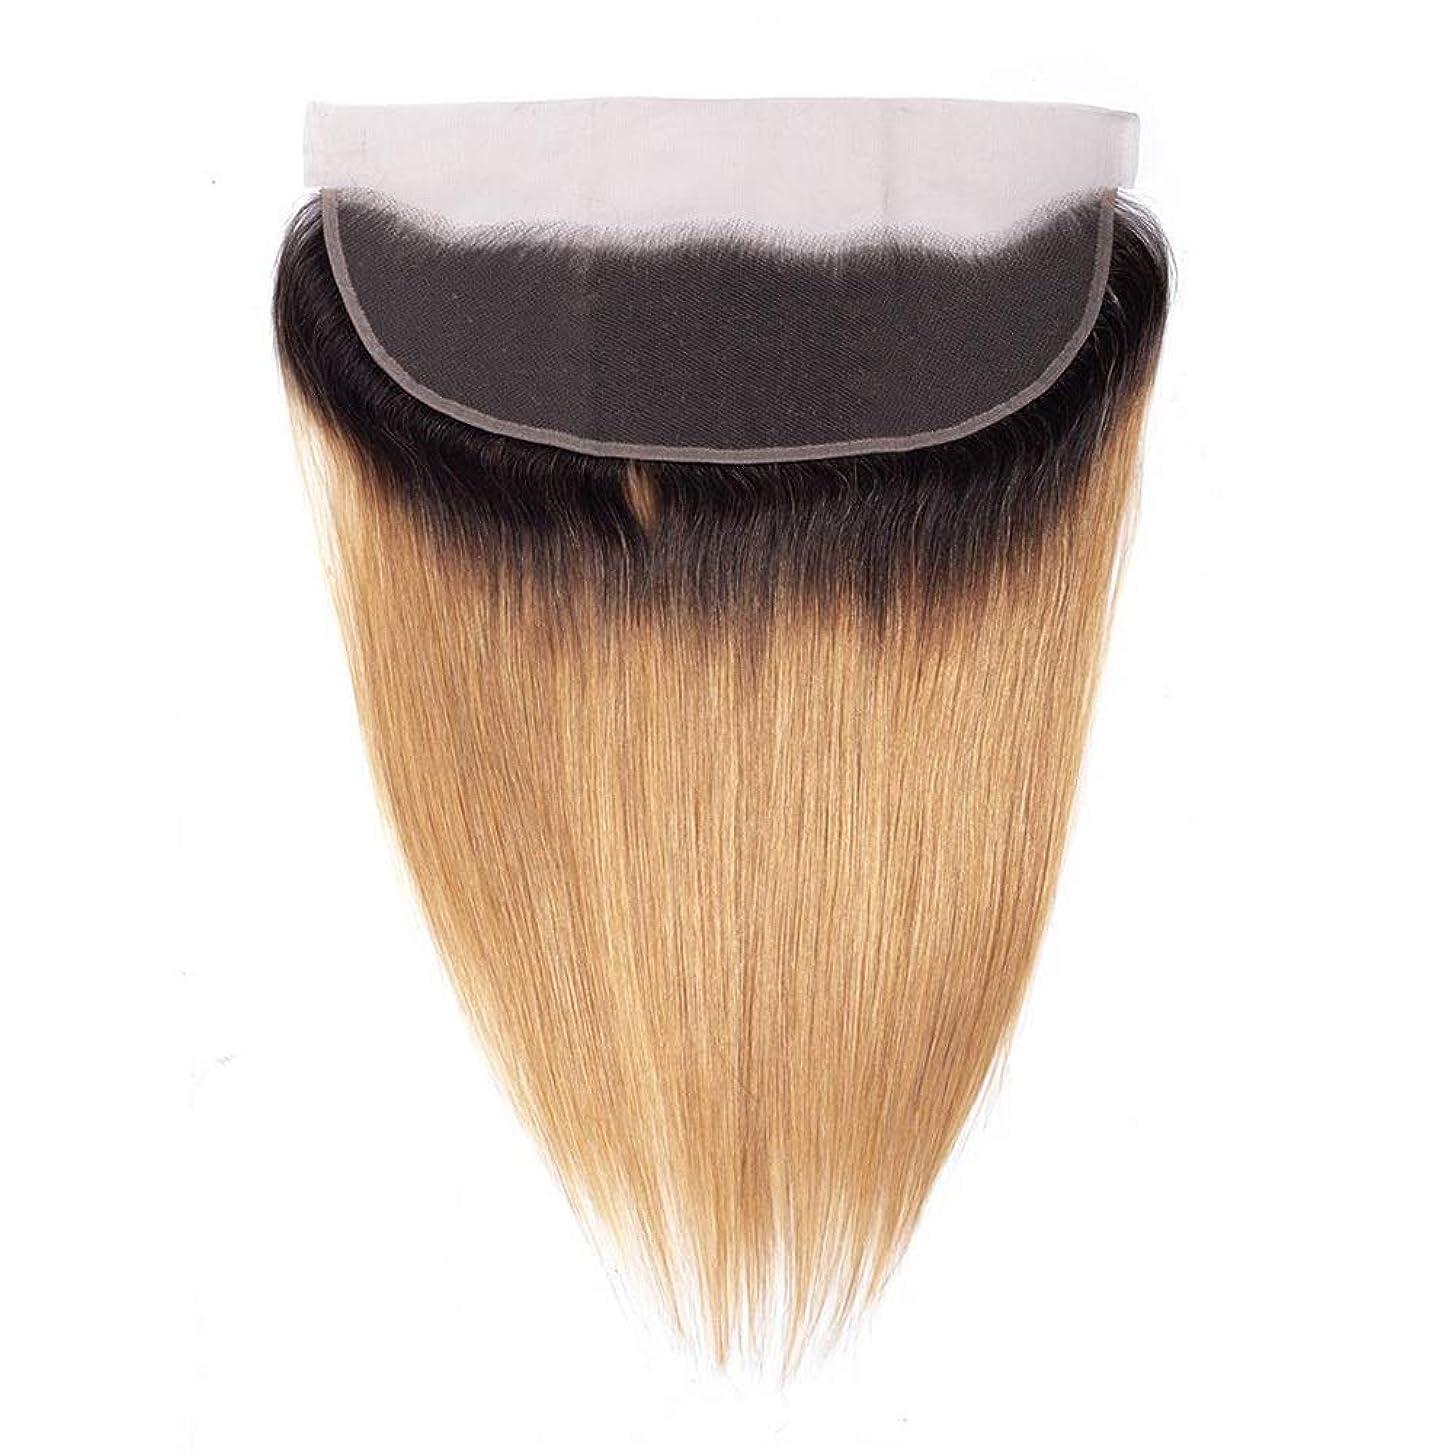 別々に部門引き受けるHOHYLLYA ストレートヘア前頭耳に耳レース前頭閉鎖13 * 4閉鎖人間の髪の毛の茶色の髪の拡張子フルヘッドファッションかつらかつら (色 : ブラウン, サイズ : 12 inch)